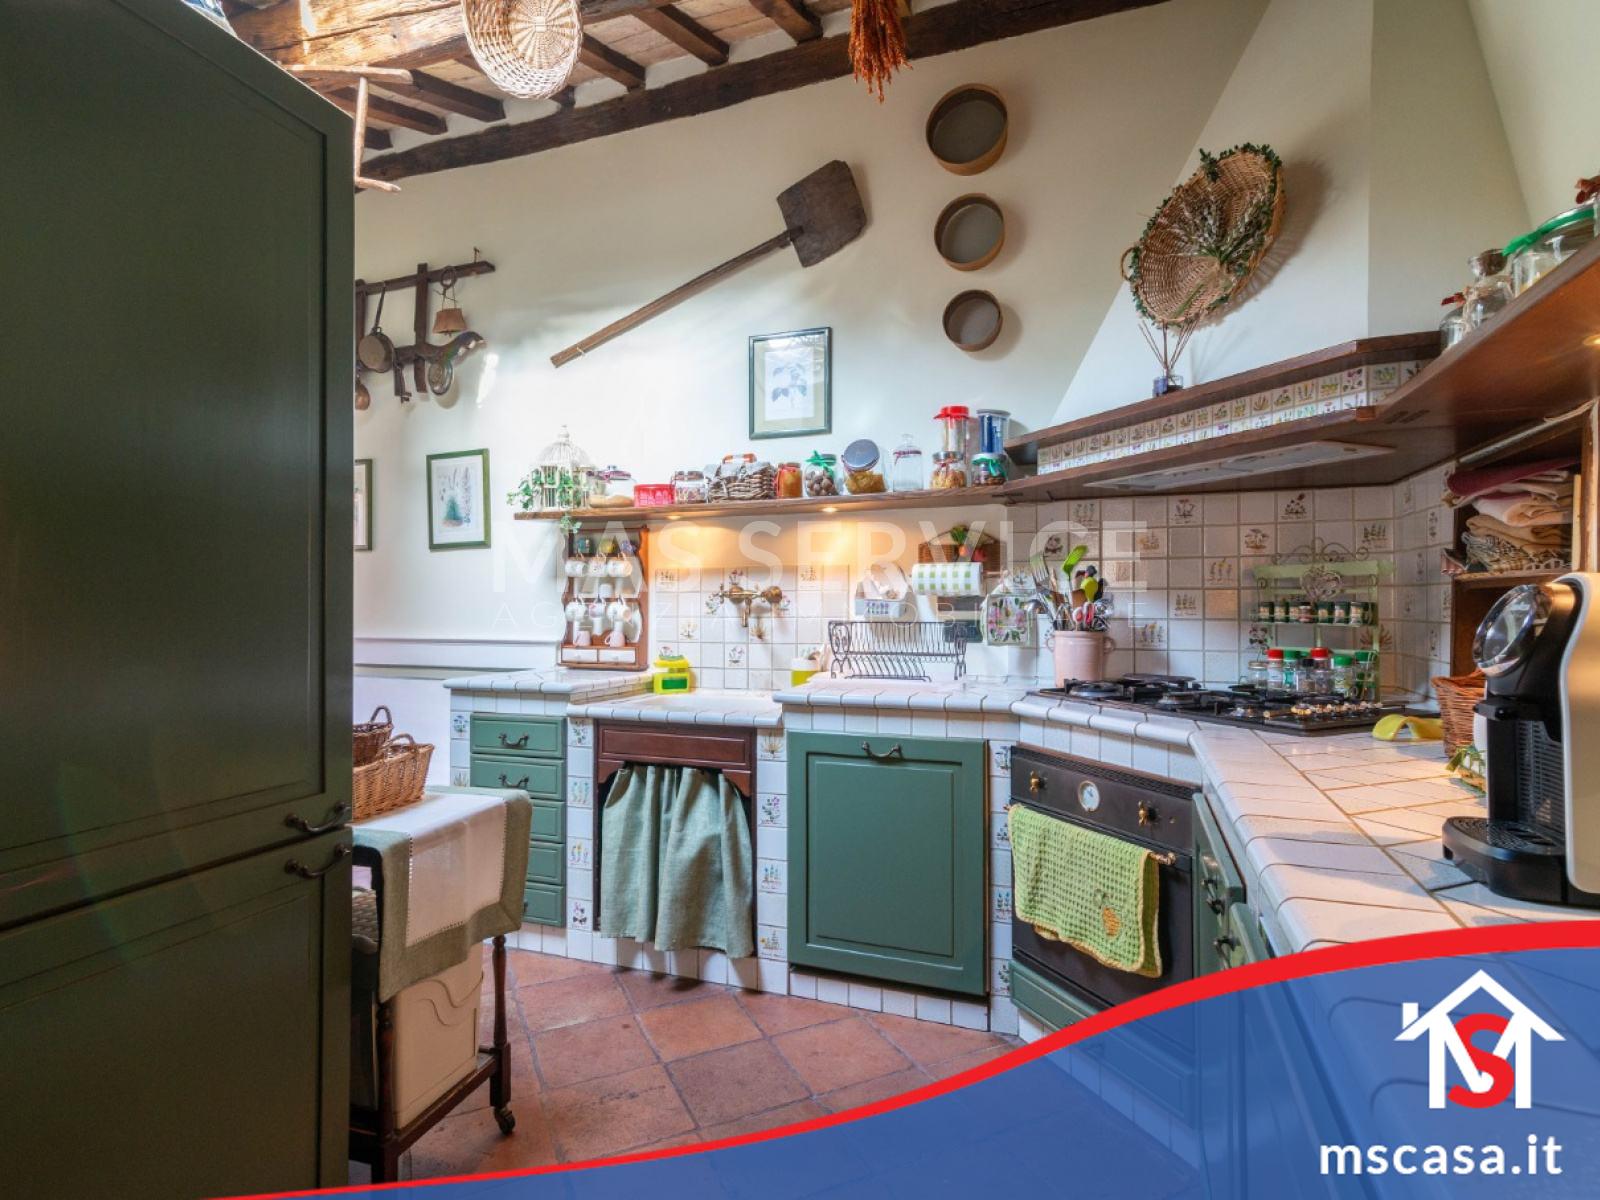 Attico in vendita zona Monti Colosseo a Roma vista Cucina